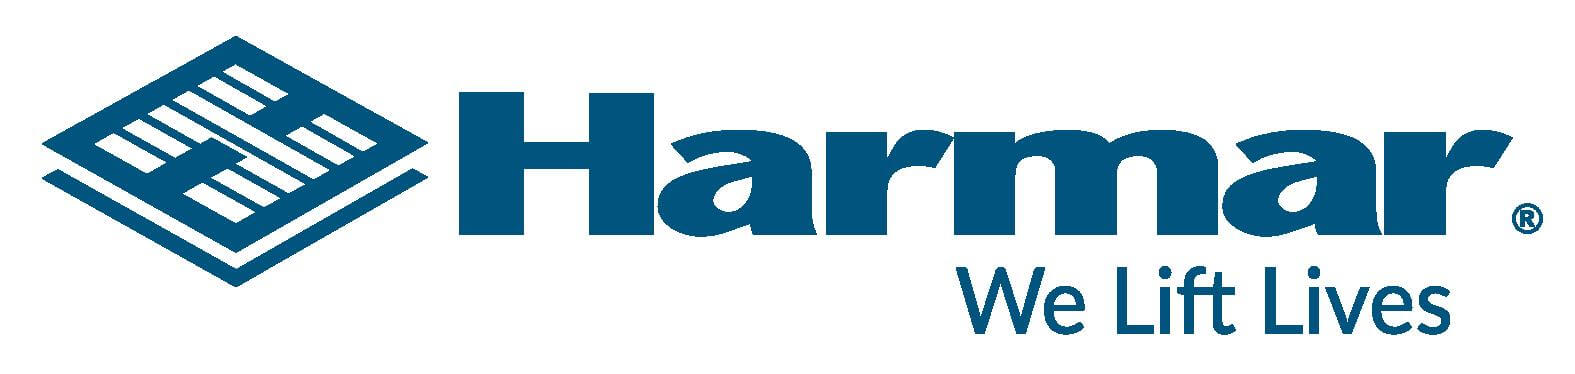 Harmar products- Highlander RPL vertical platform lift, Highlander CPL vertical platform lift, Highlander Toe Guard vertical platform lift, Highlander EPL vertical platform lift, Sierra IL500 inclined platform lift